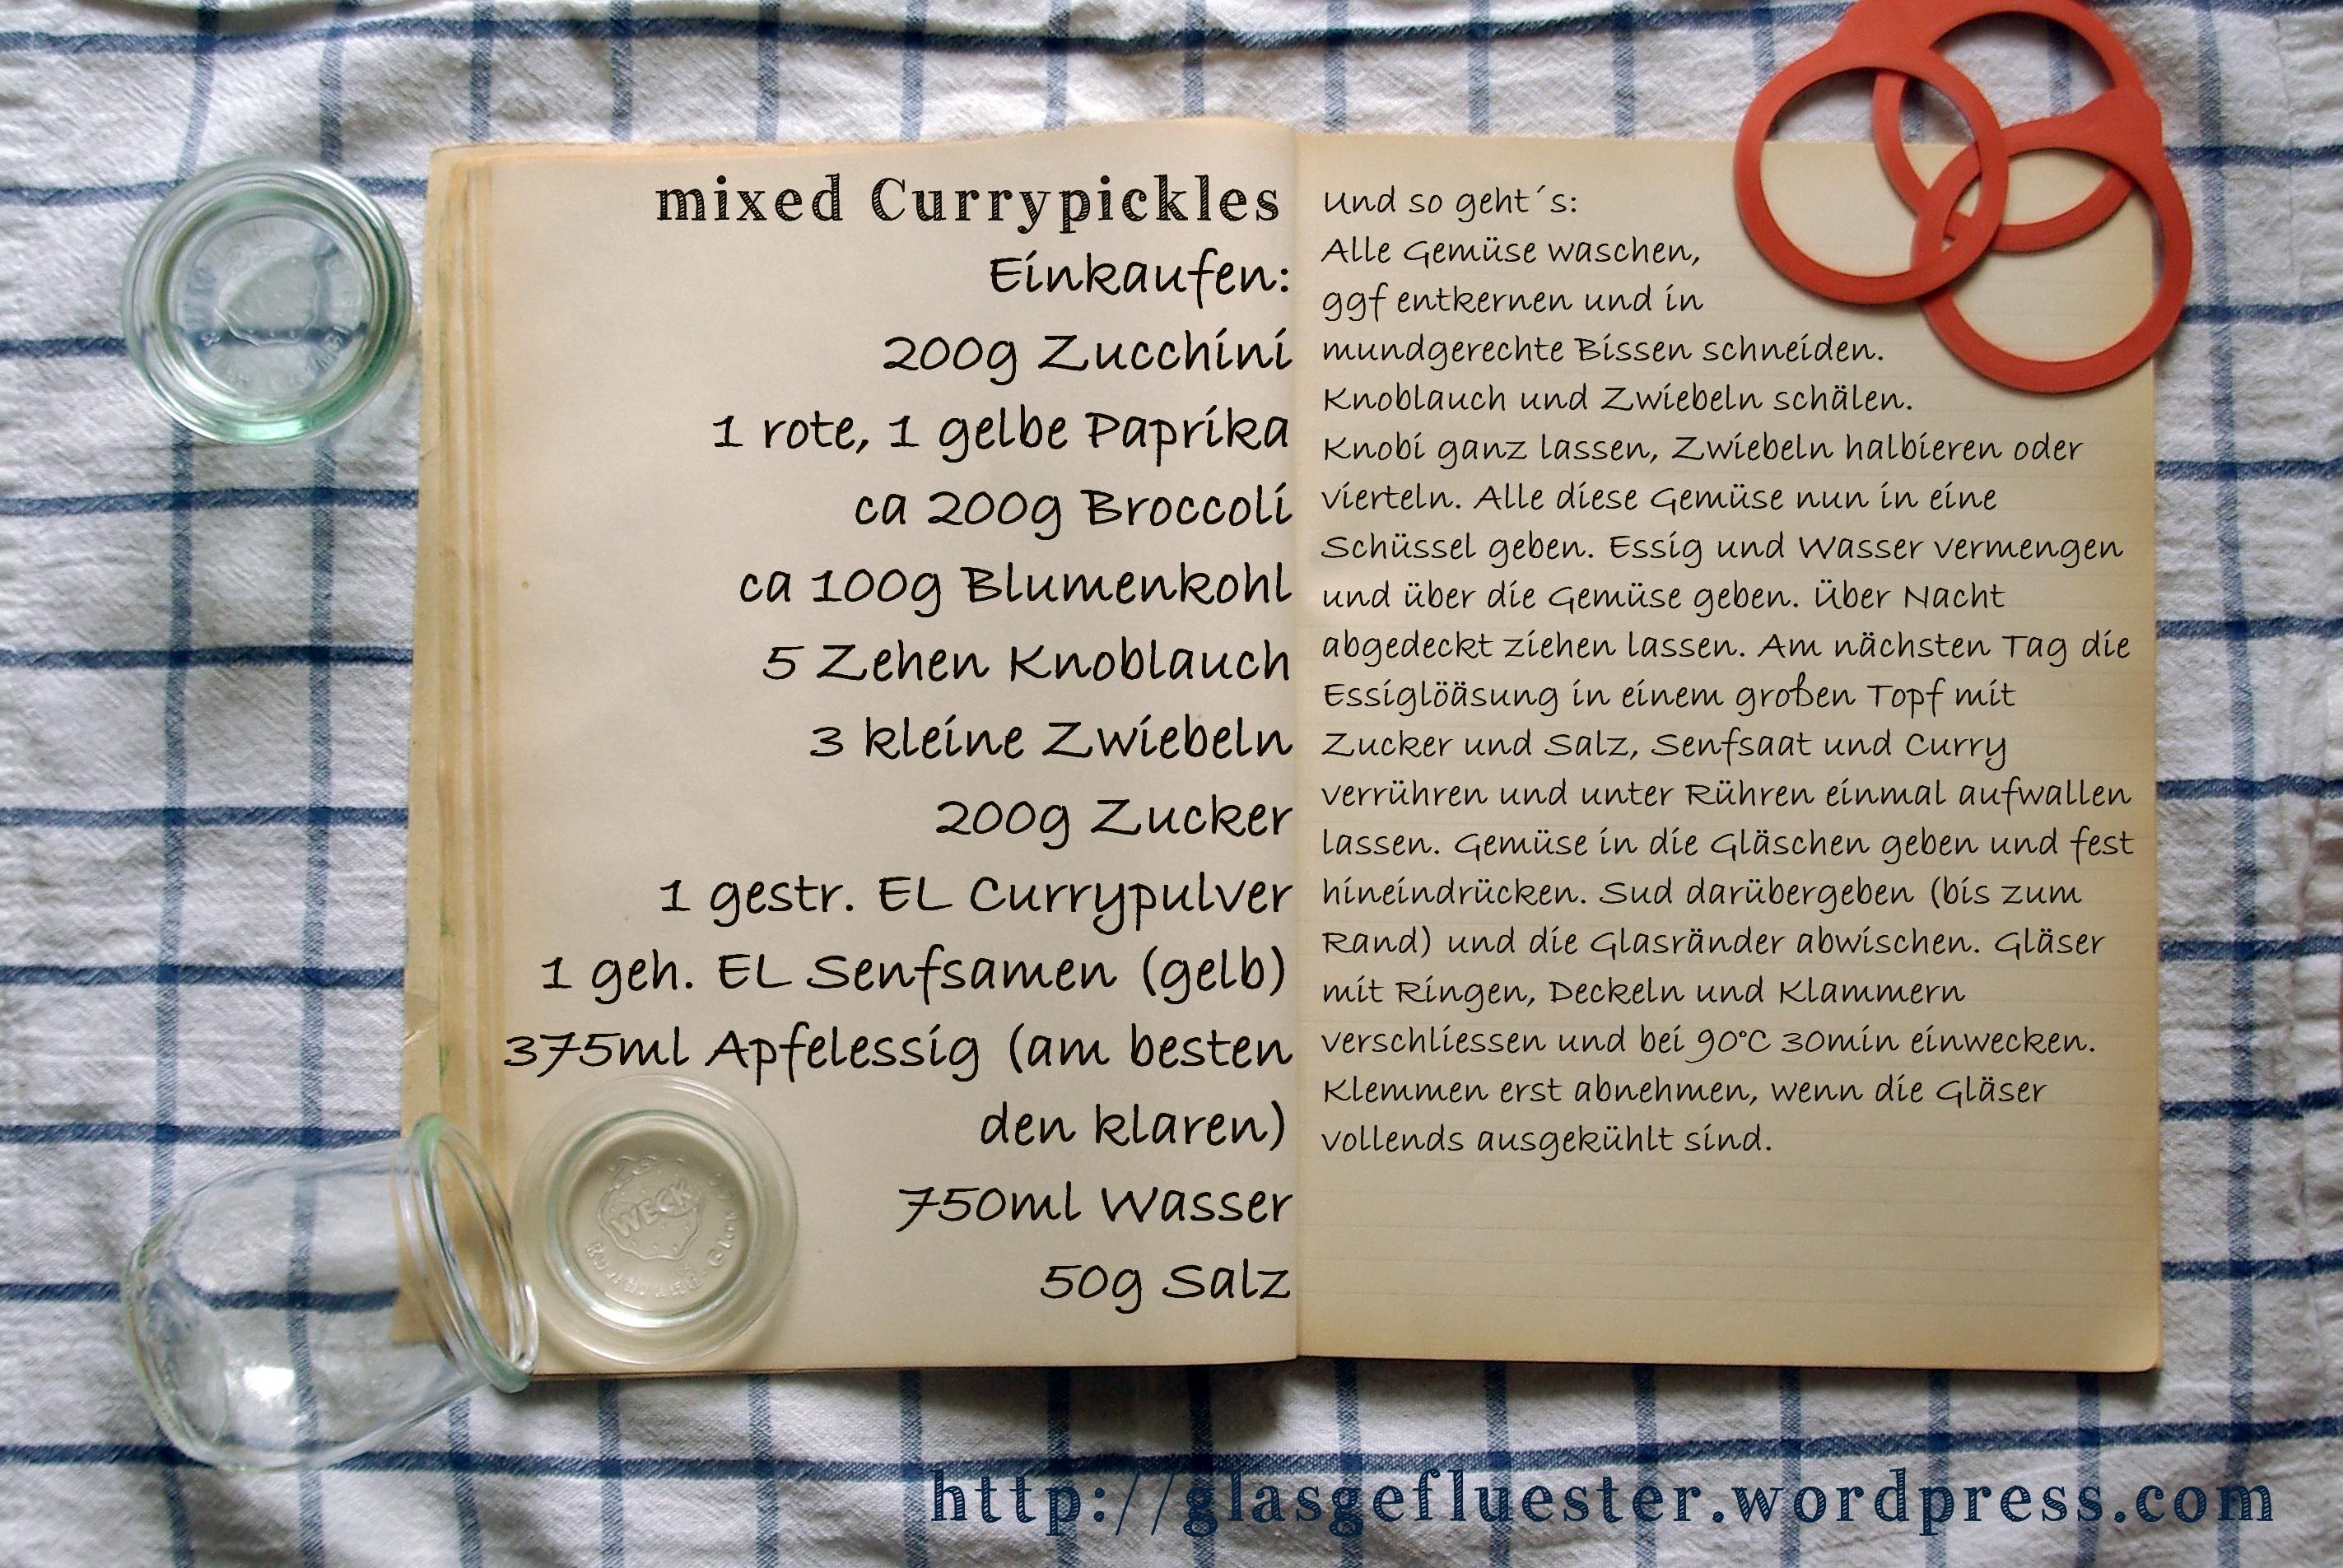 EinkaufszettelCurrypickles by Glasgefluester